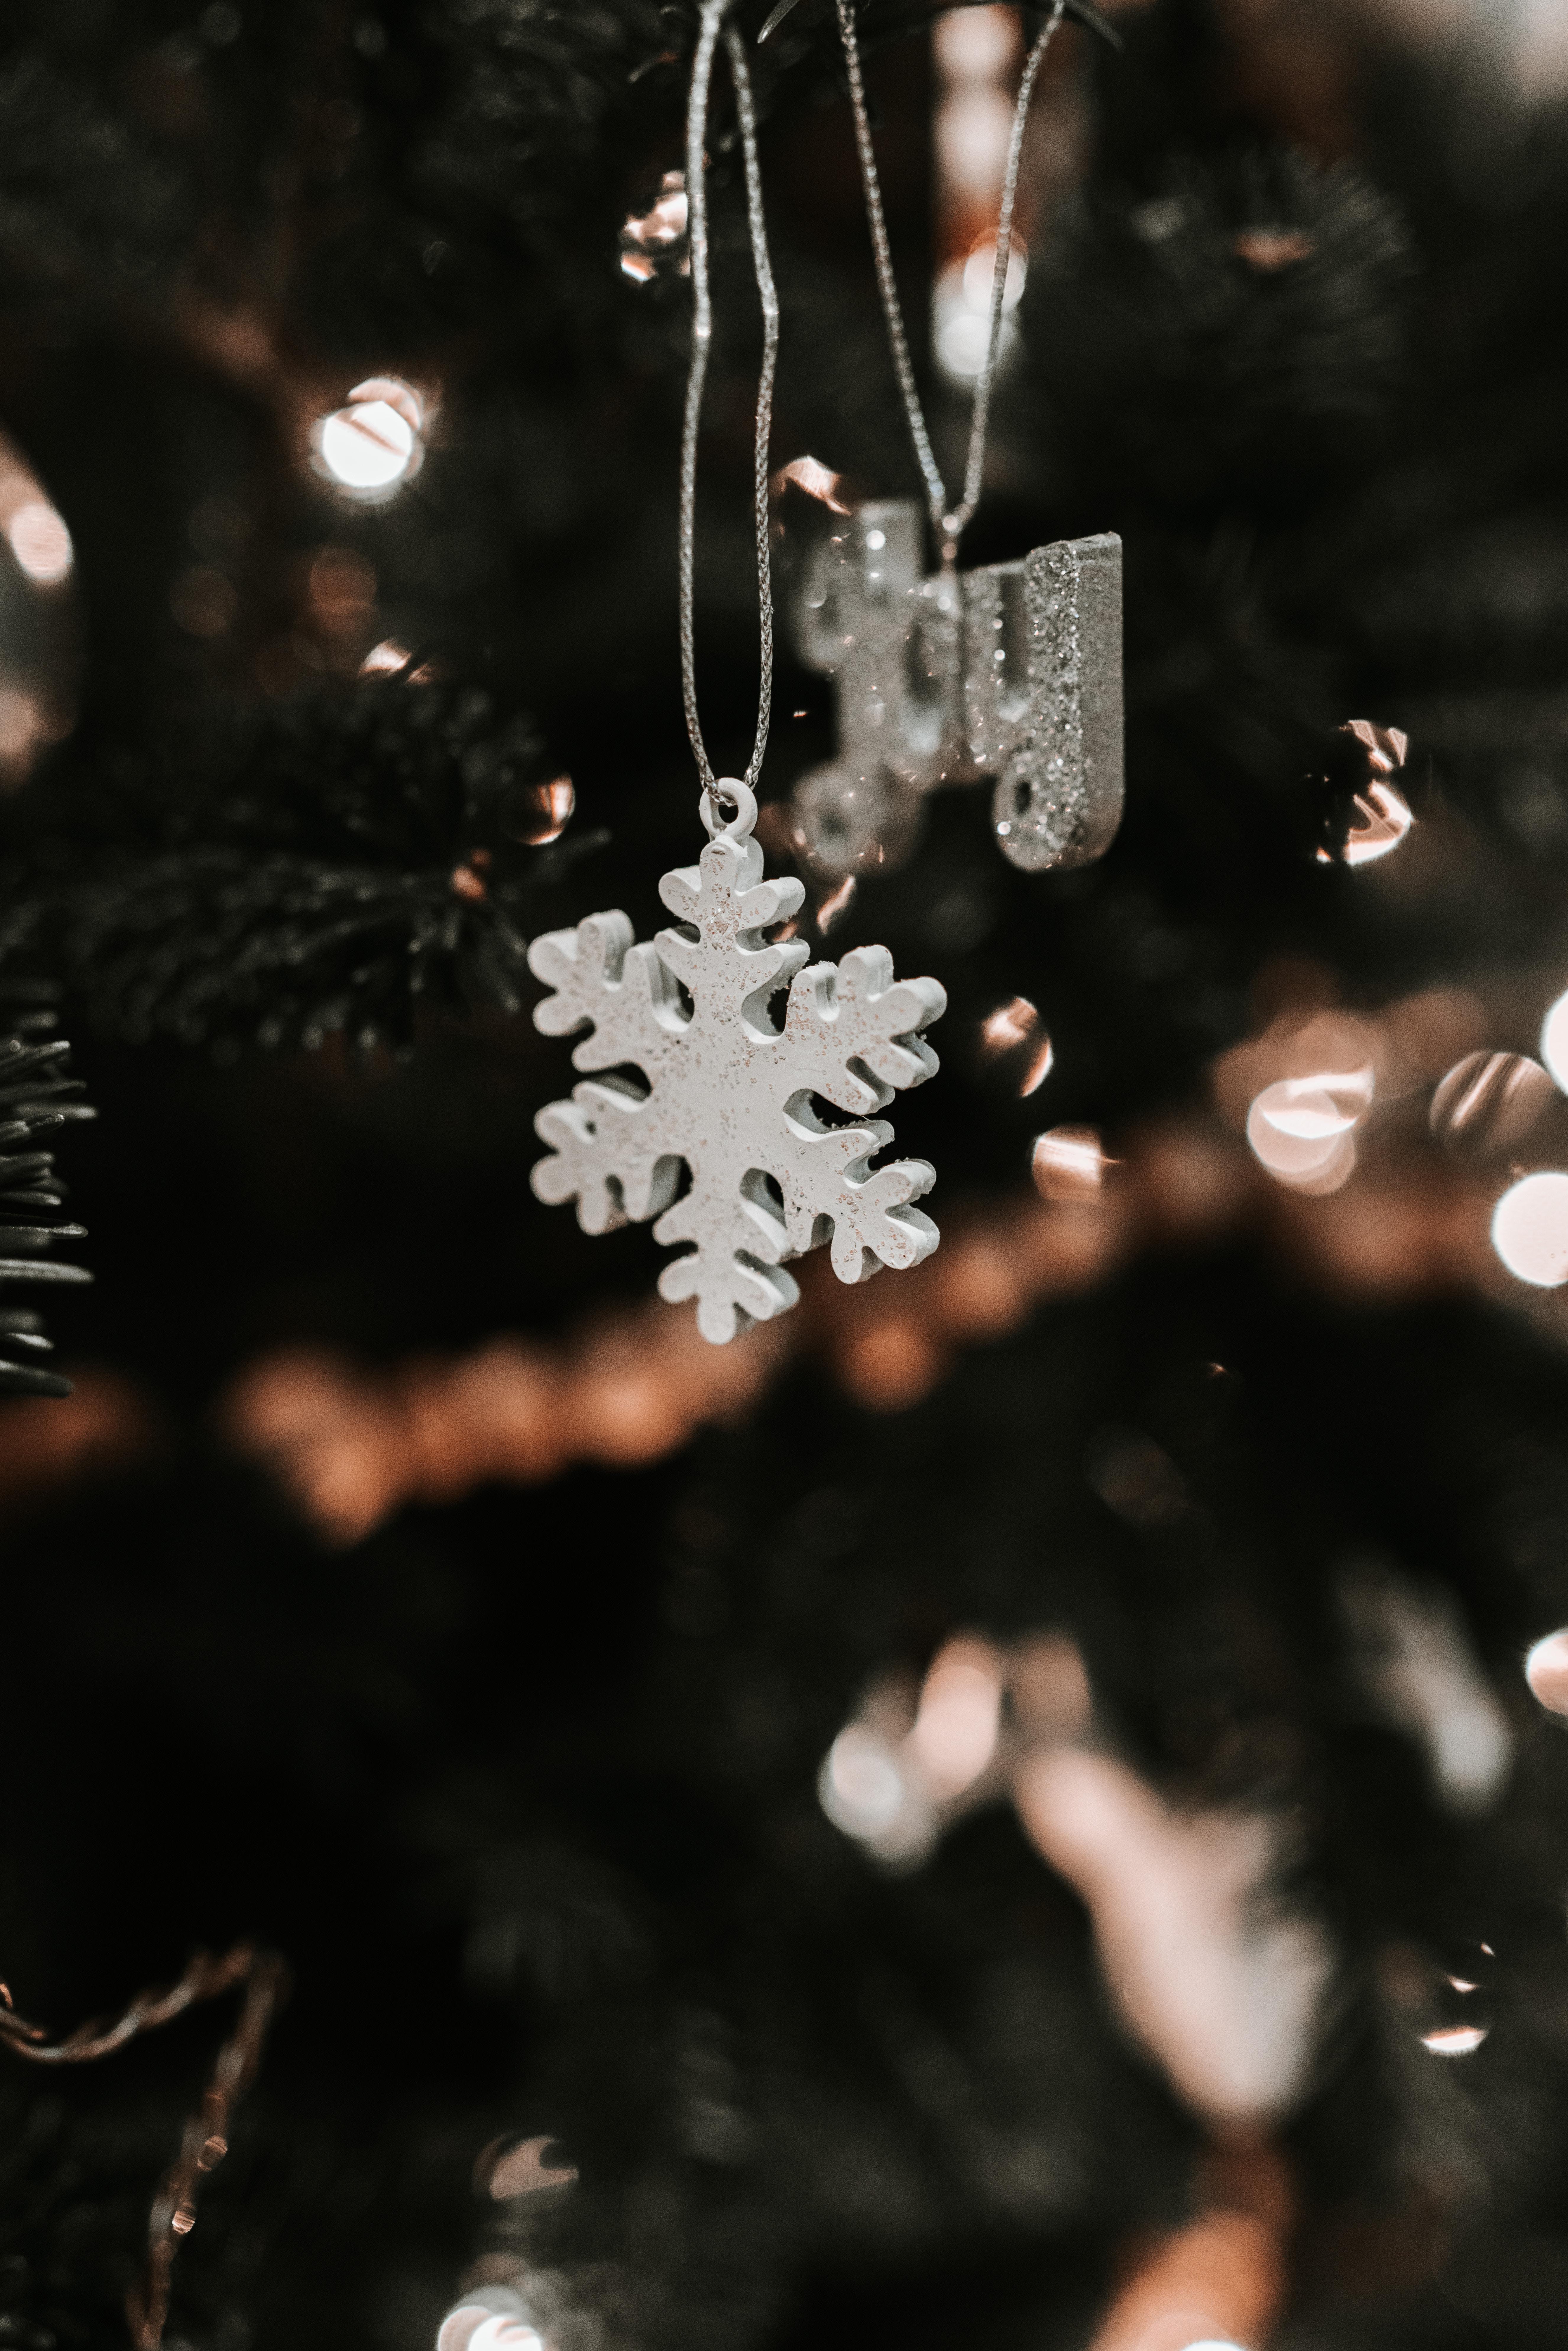 156158 fond d'écran 1080x2400 sur votre téléphone gratuitement, téléchargez des images Fêtes, Noël, Flou, Lisse, Nouvel An, Arbre De Noël, Décoration, Jouet D'arbre De Noël, Flocon De Neige 1080x2400 sur votre mobile